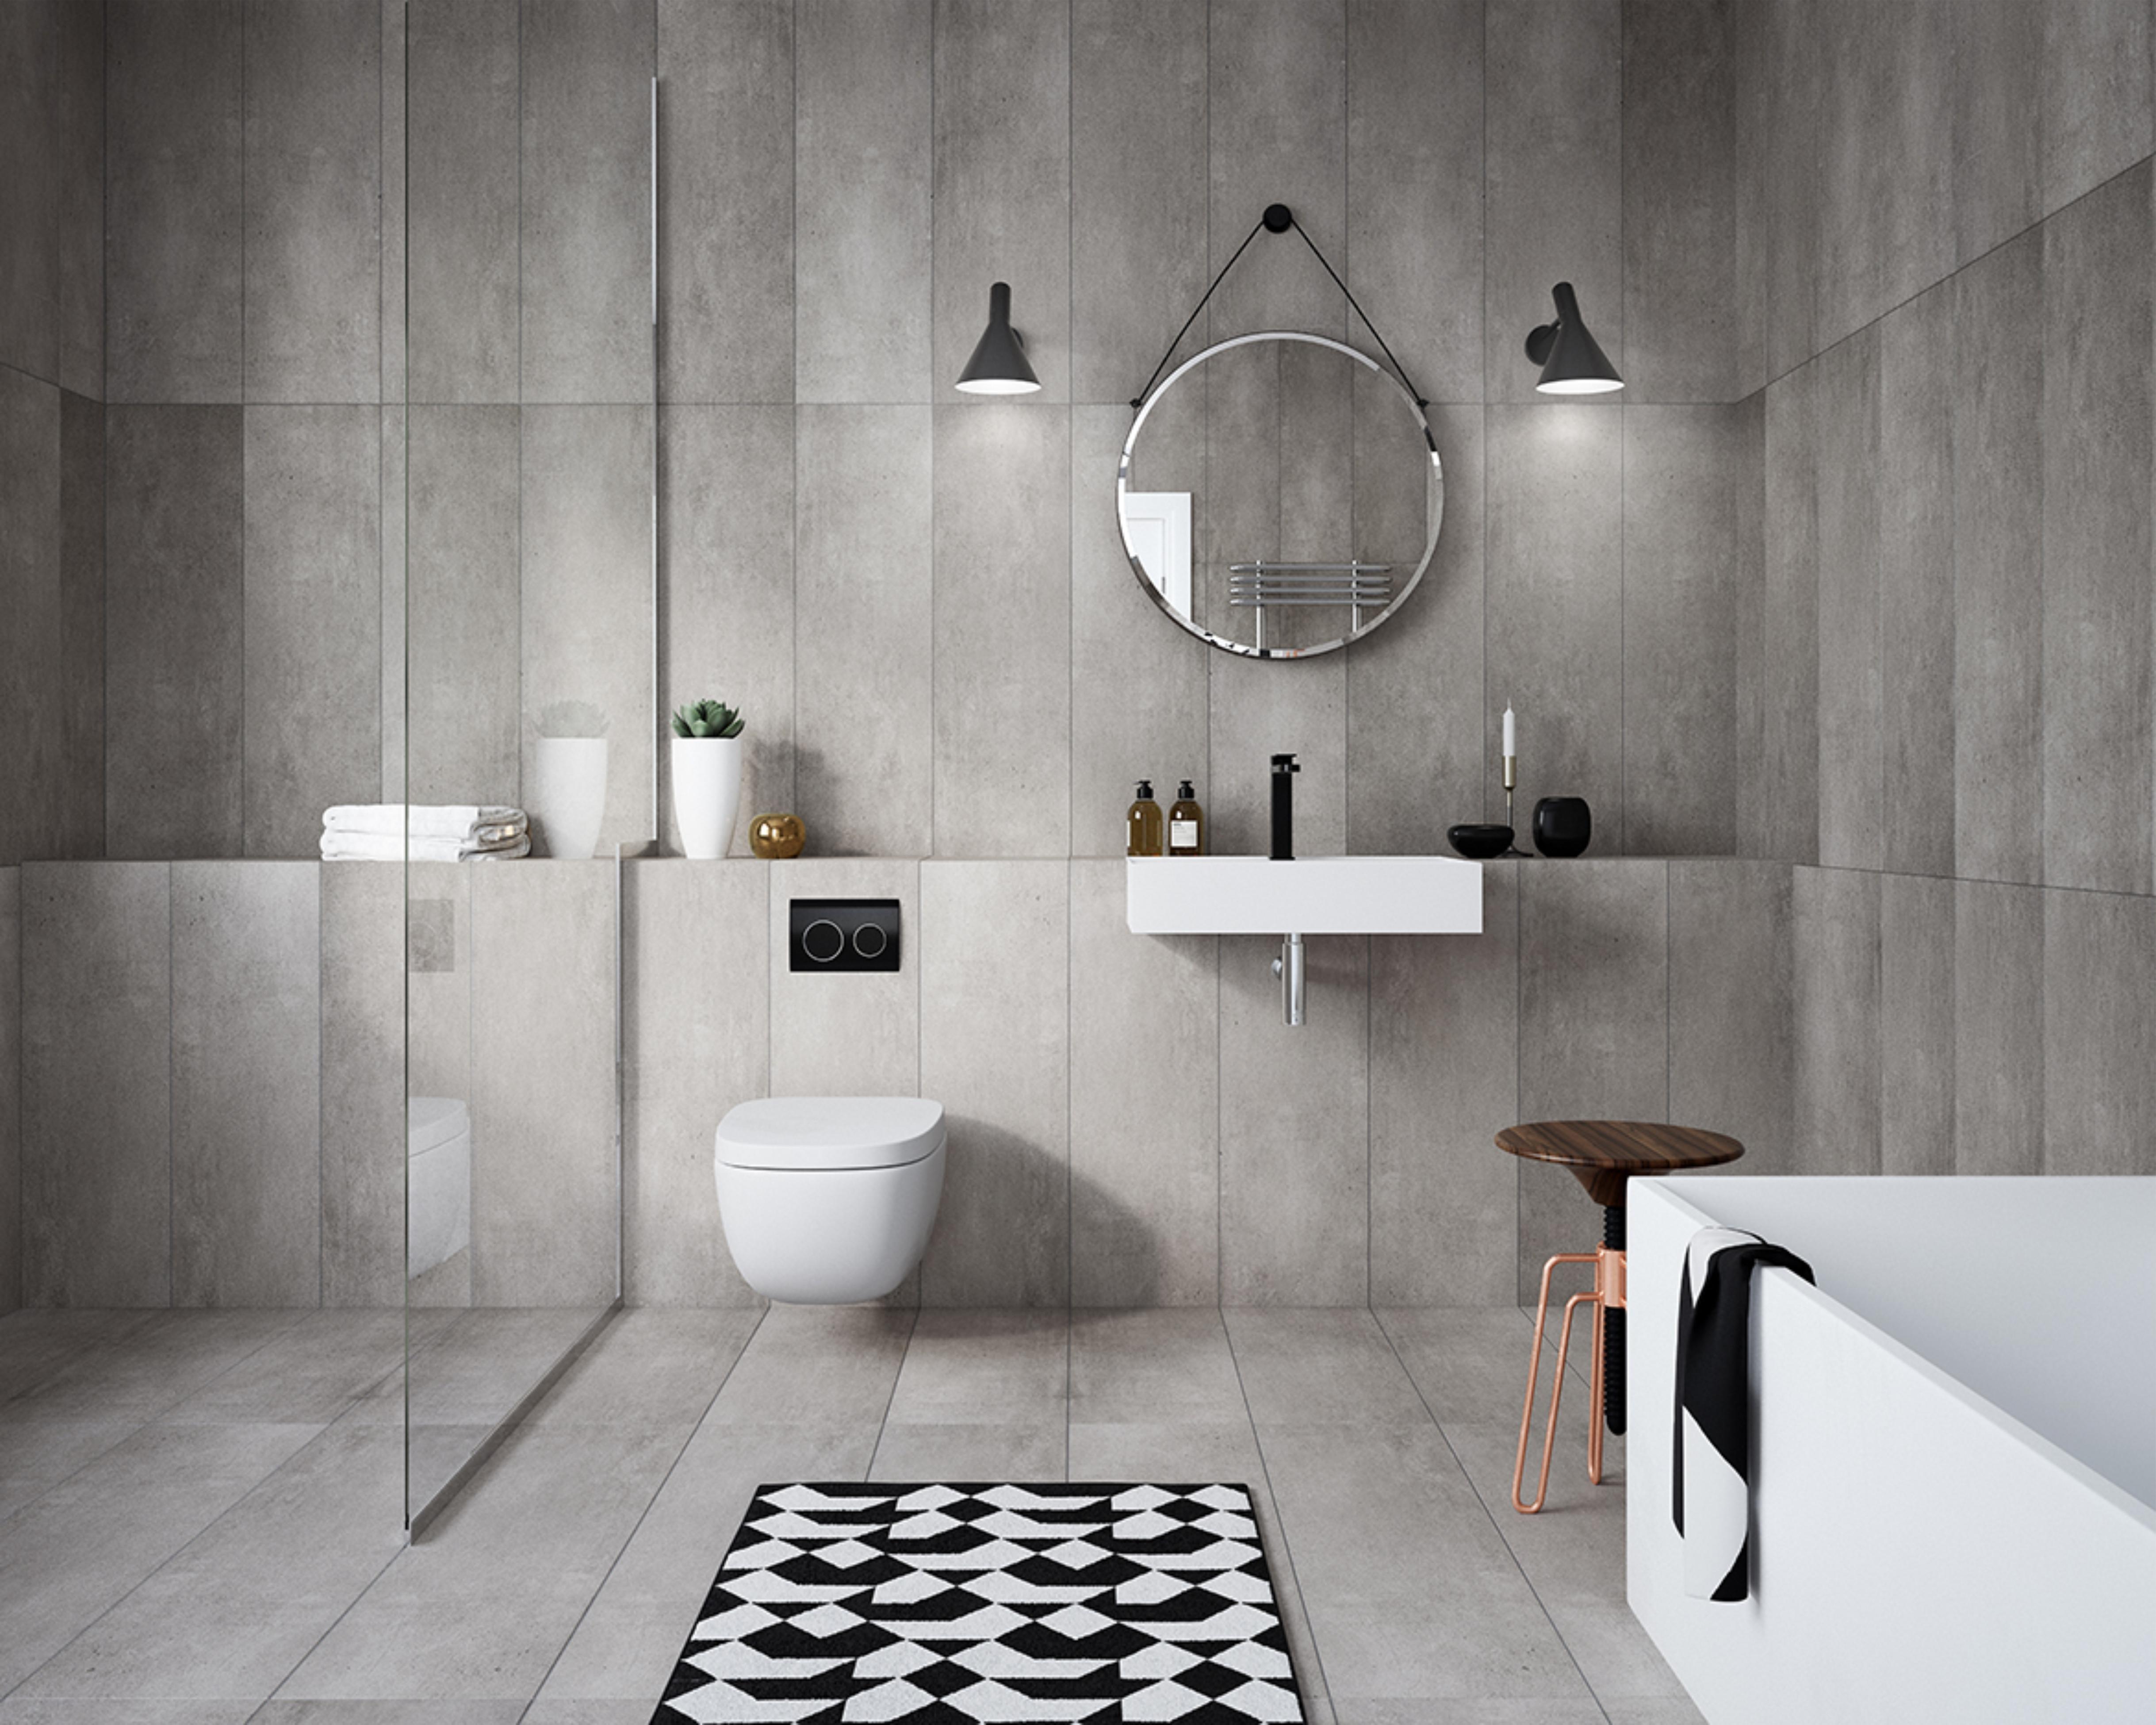 ایده طراحی سرویس بهداشتی طرح سنگ با فرش شطرنجی سیاه و سفید